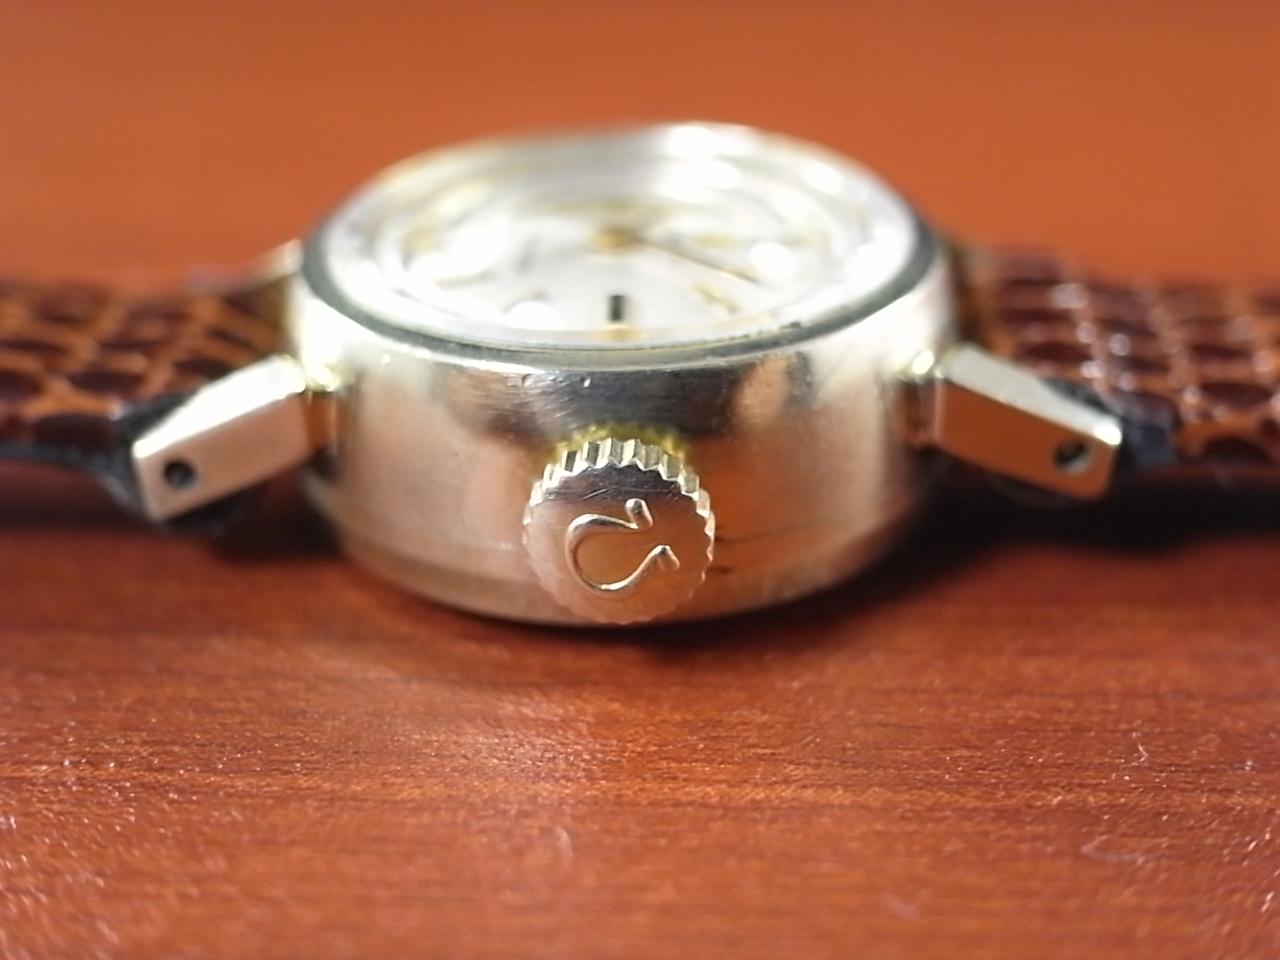 オメガ レディス レディマチック 金無垢 14KYG カットガラス 1960年代の写真3枚目